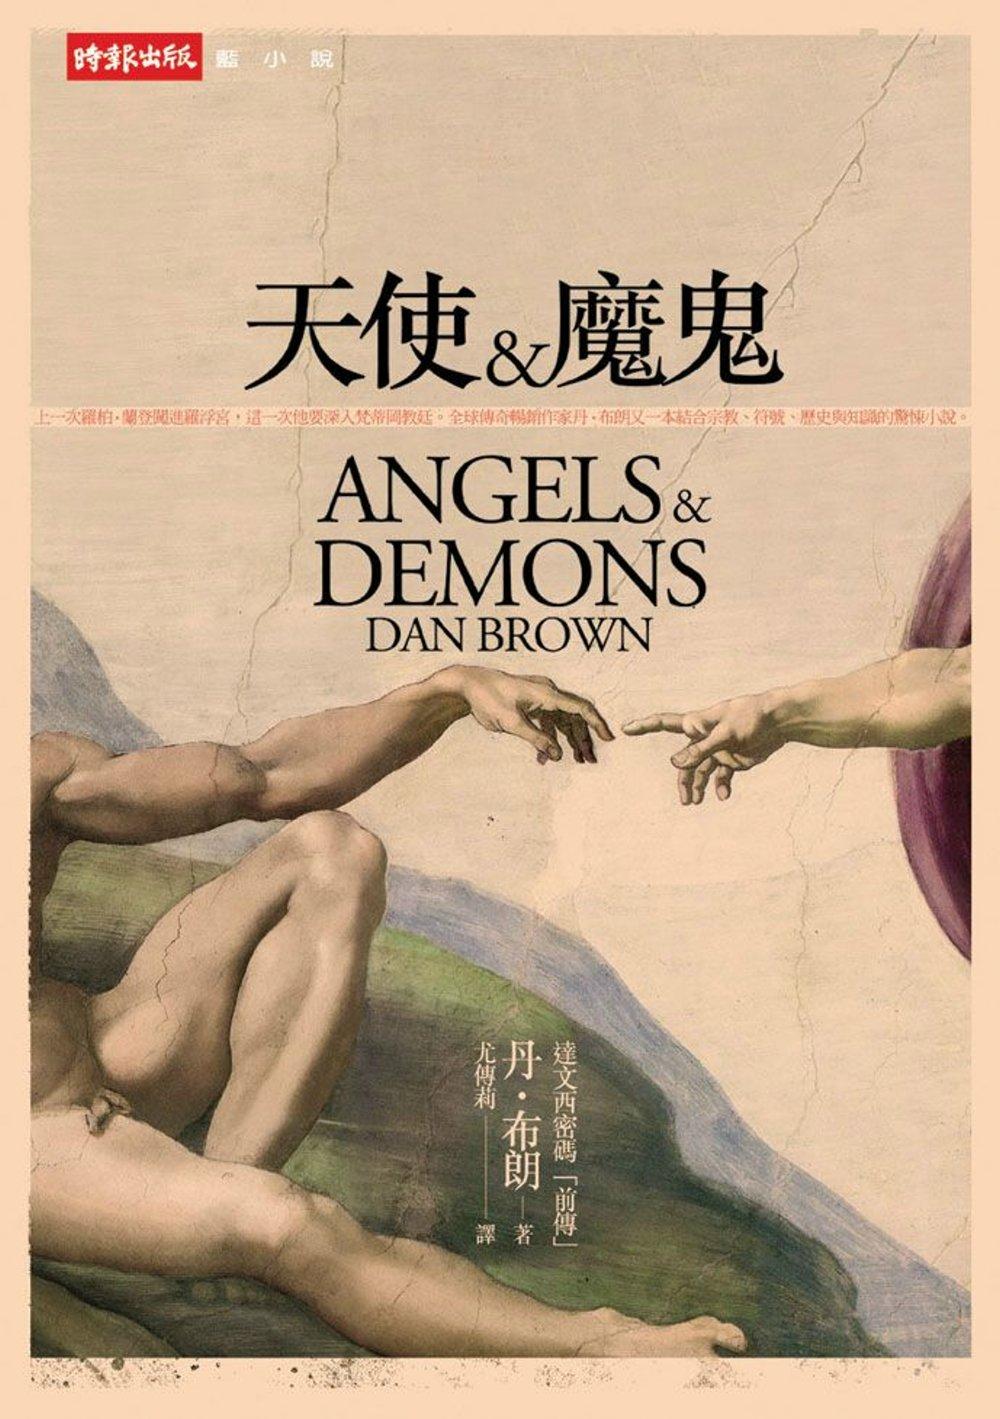 另開新視窗呈現 天使與魔鬼 封面